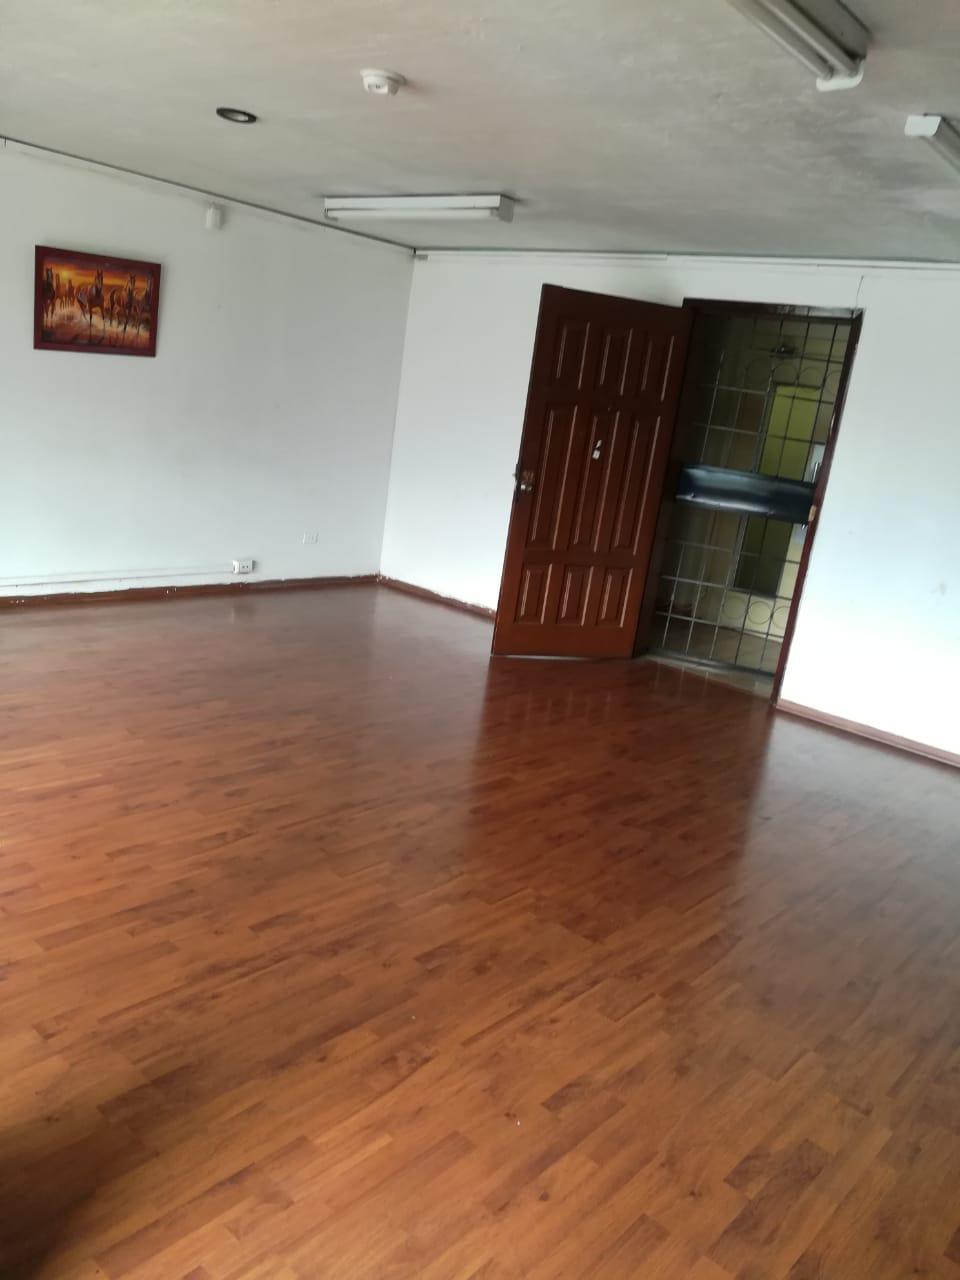 Oficinas de arriendo en Quito, sector El Dorado